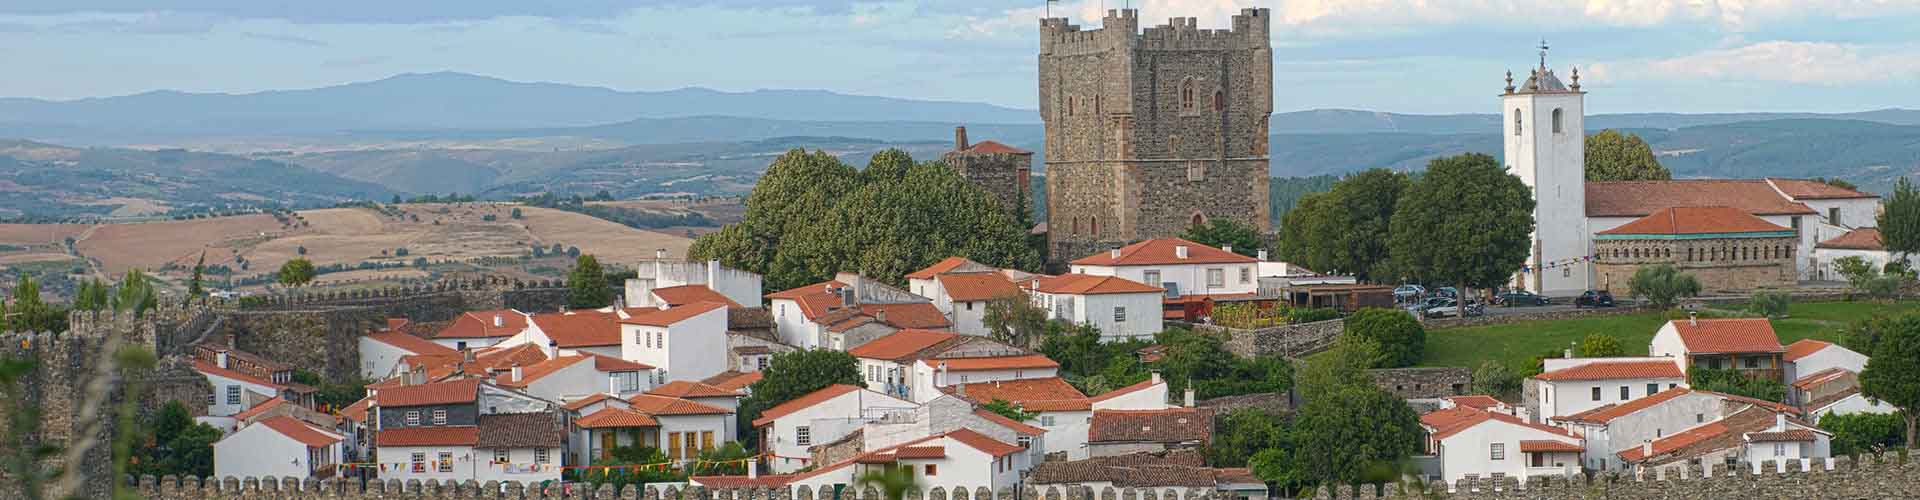 Bragança - Hôtels à Bragança. Cartes pour Bragança, photos et commentaires pour chaque hôtel à Bragança.